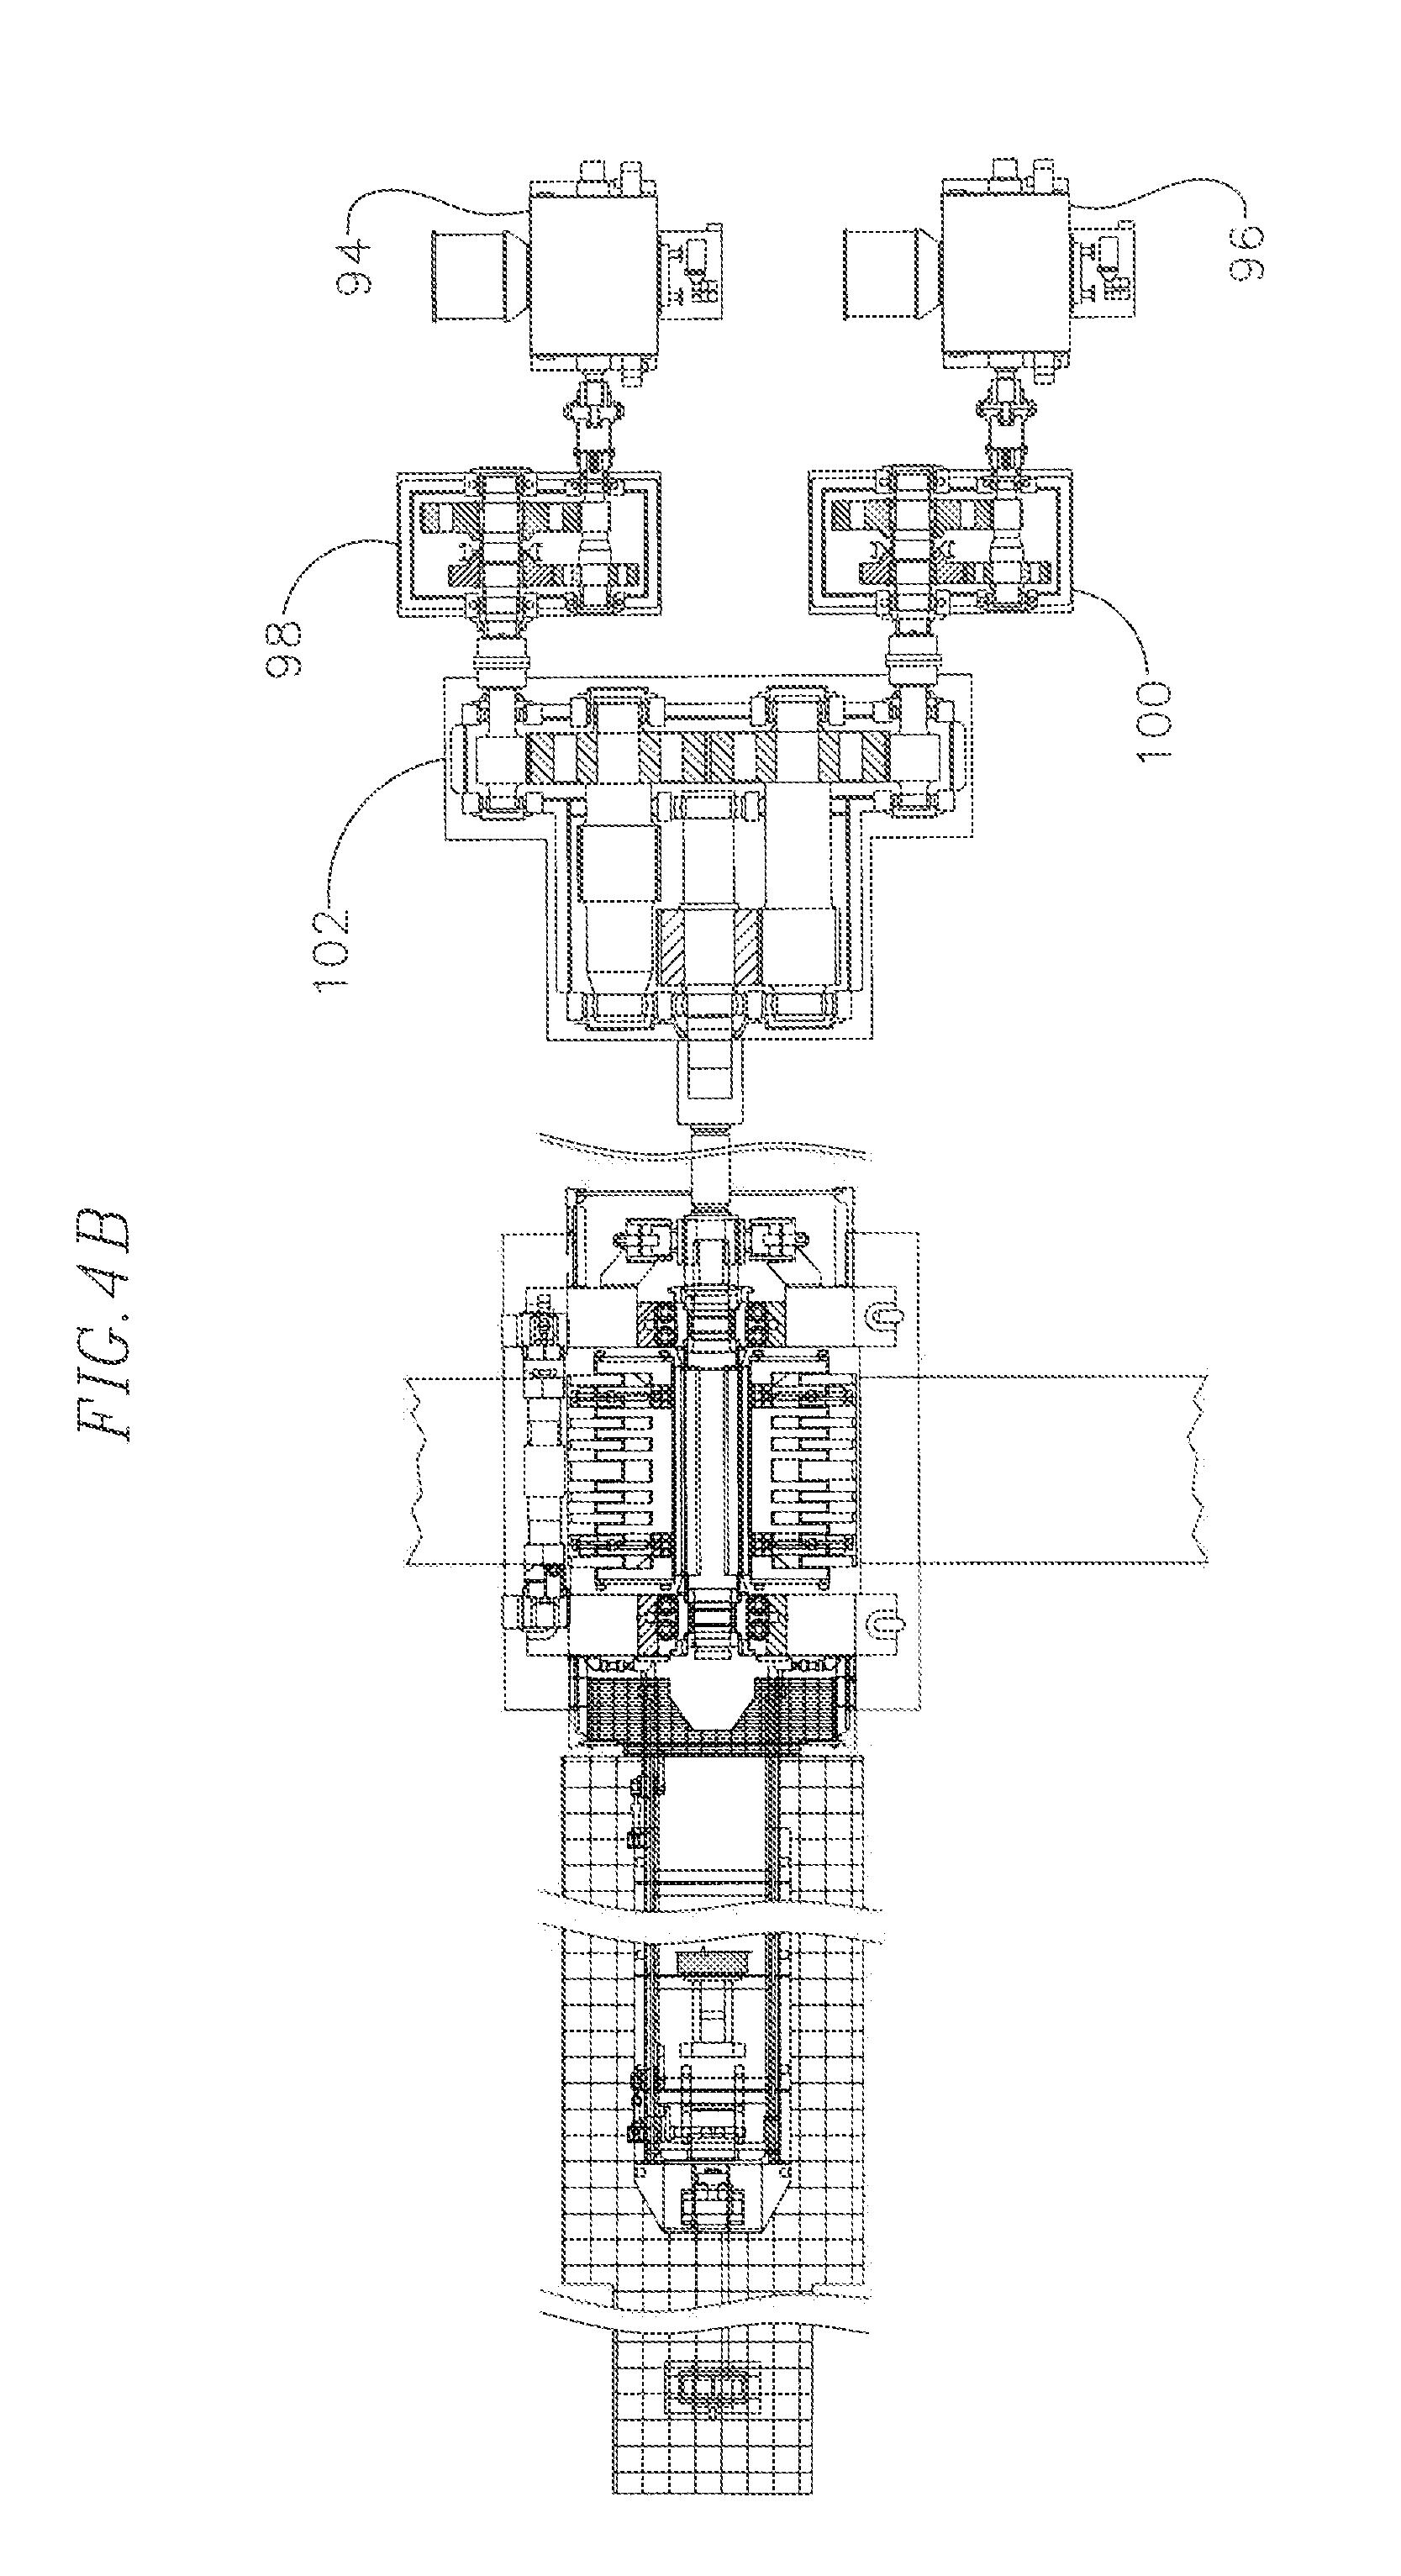 WRG-1757] Kawasaki Jet Ski Engine Diagram